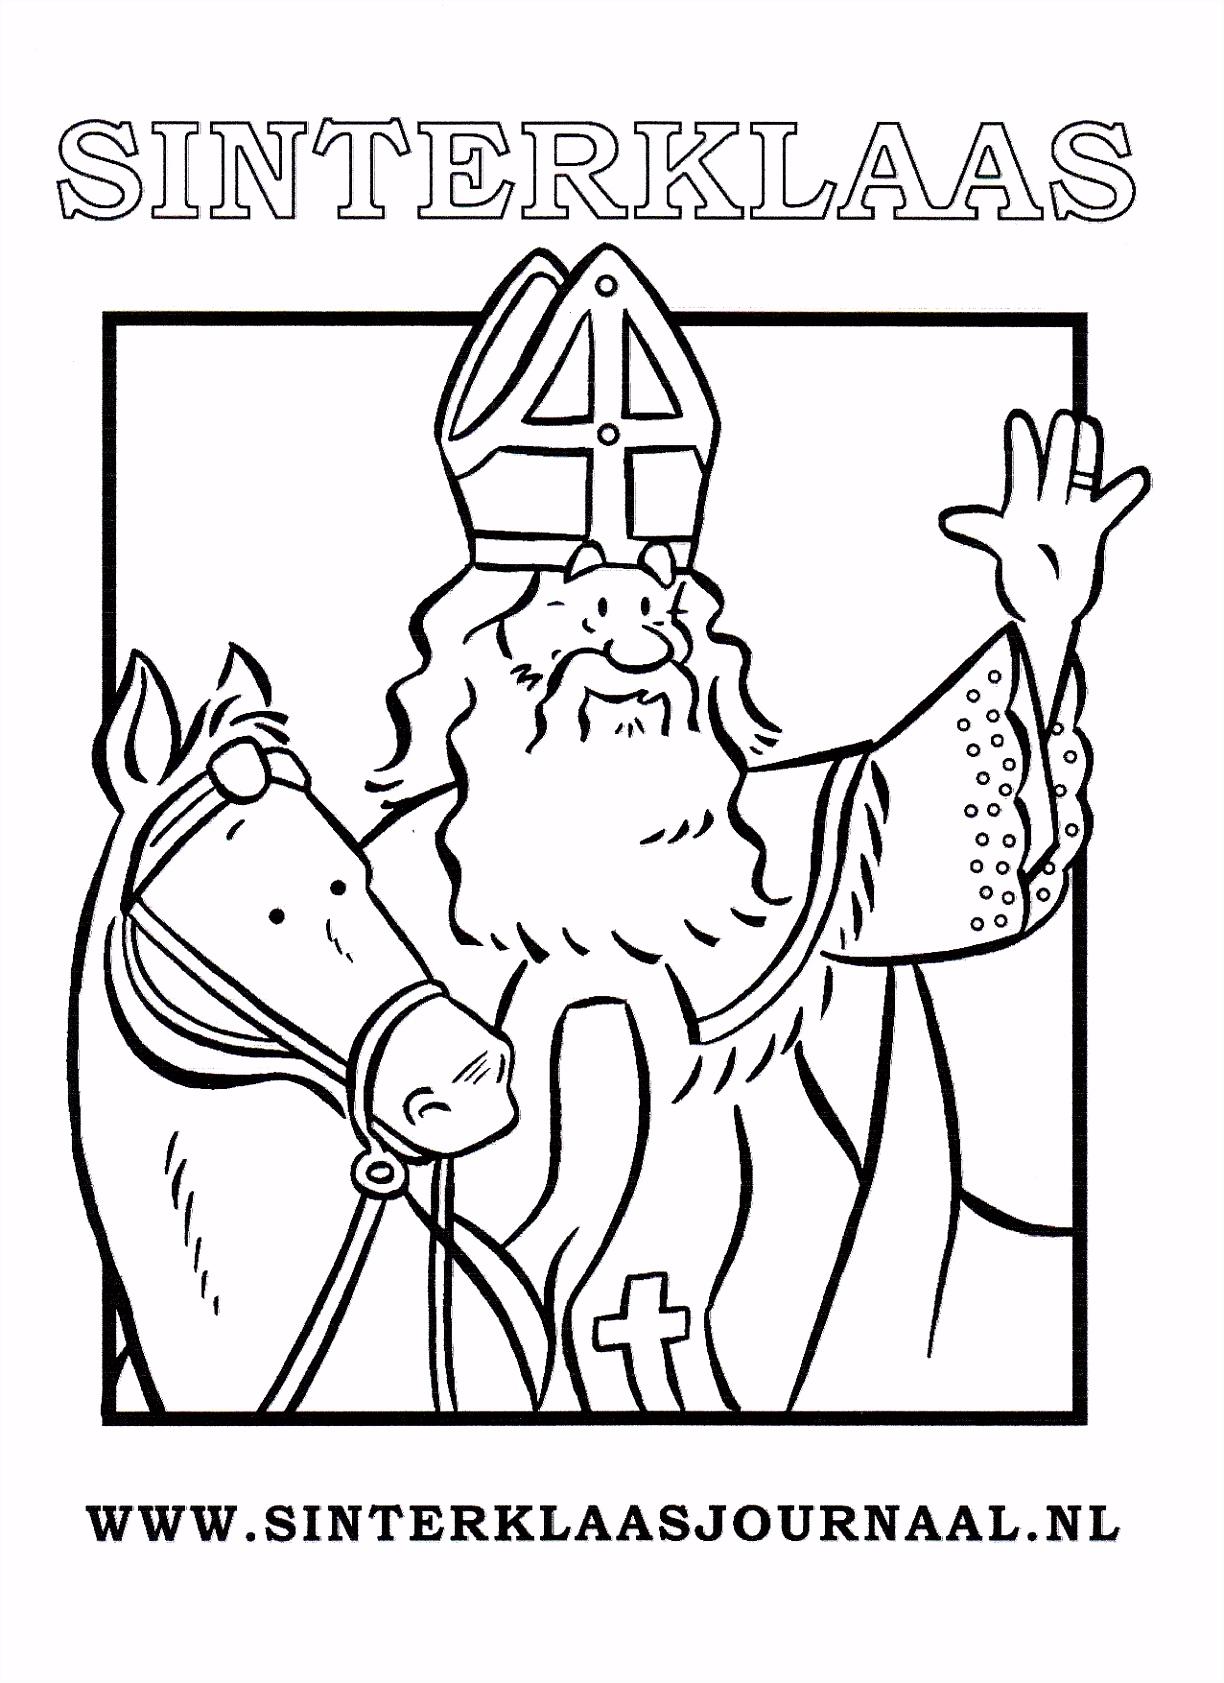 Sinterklaas – Sinterklaasjournaal